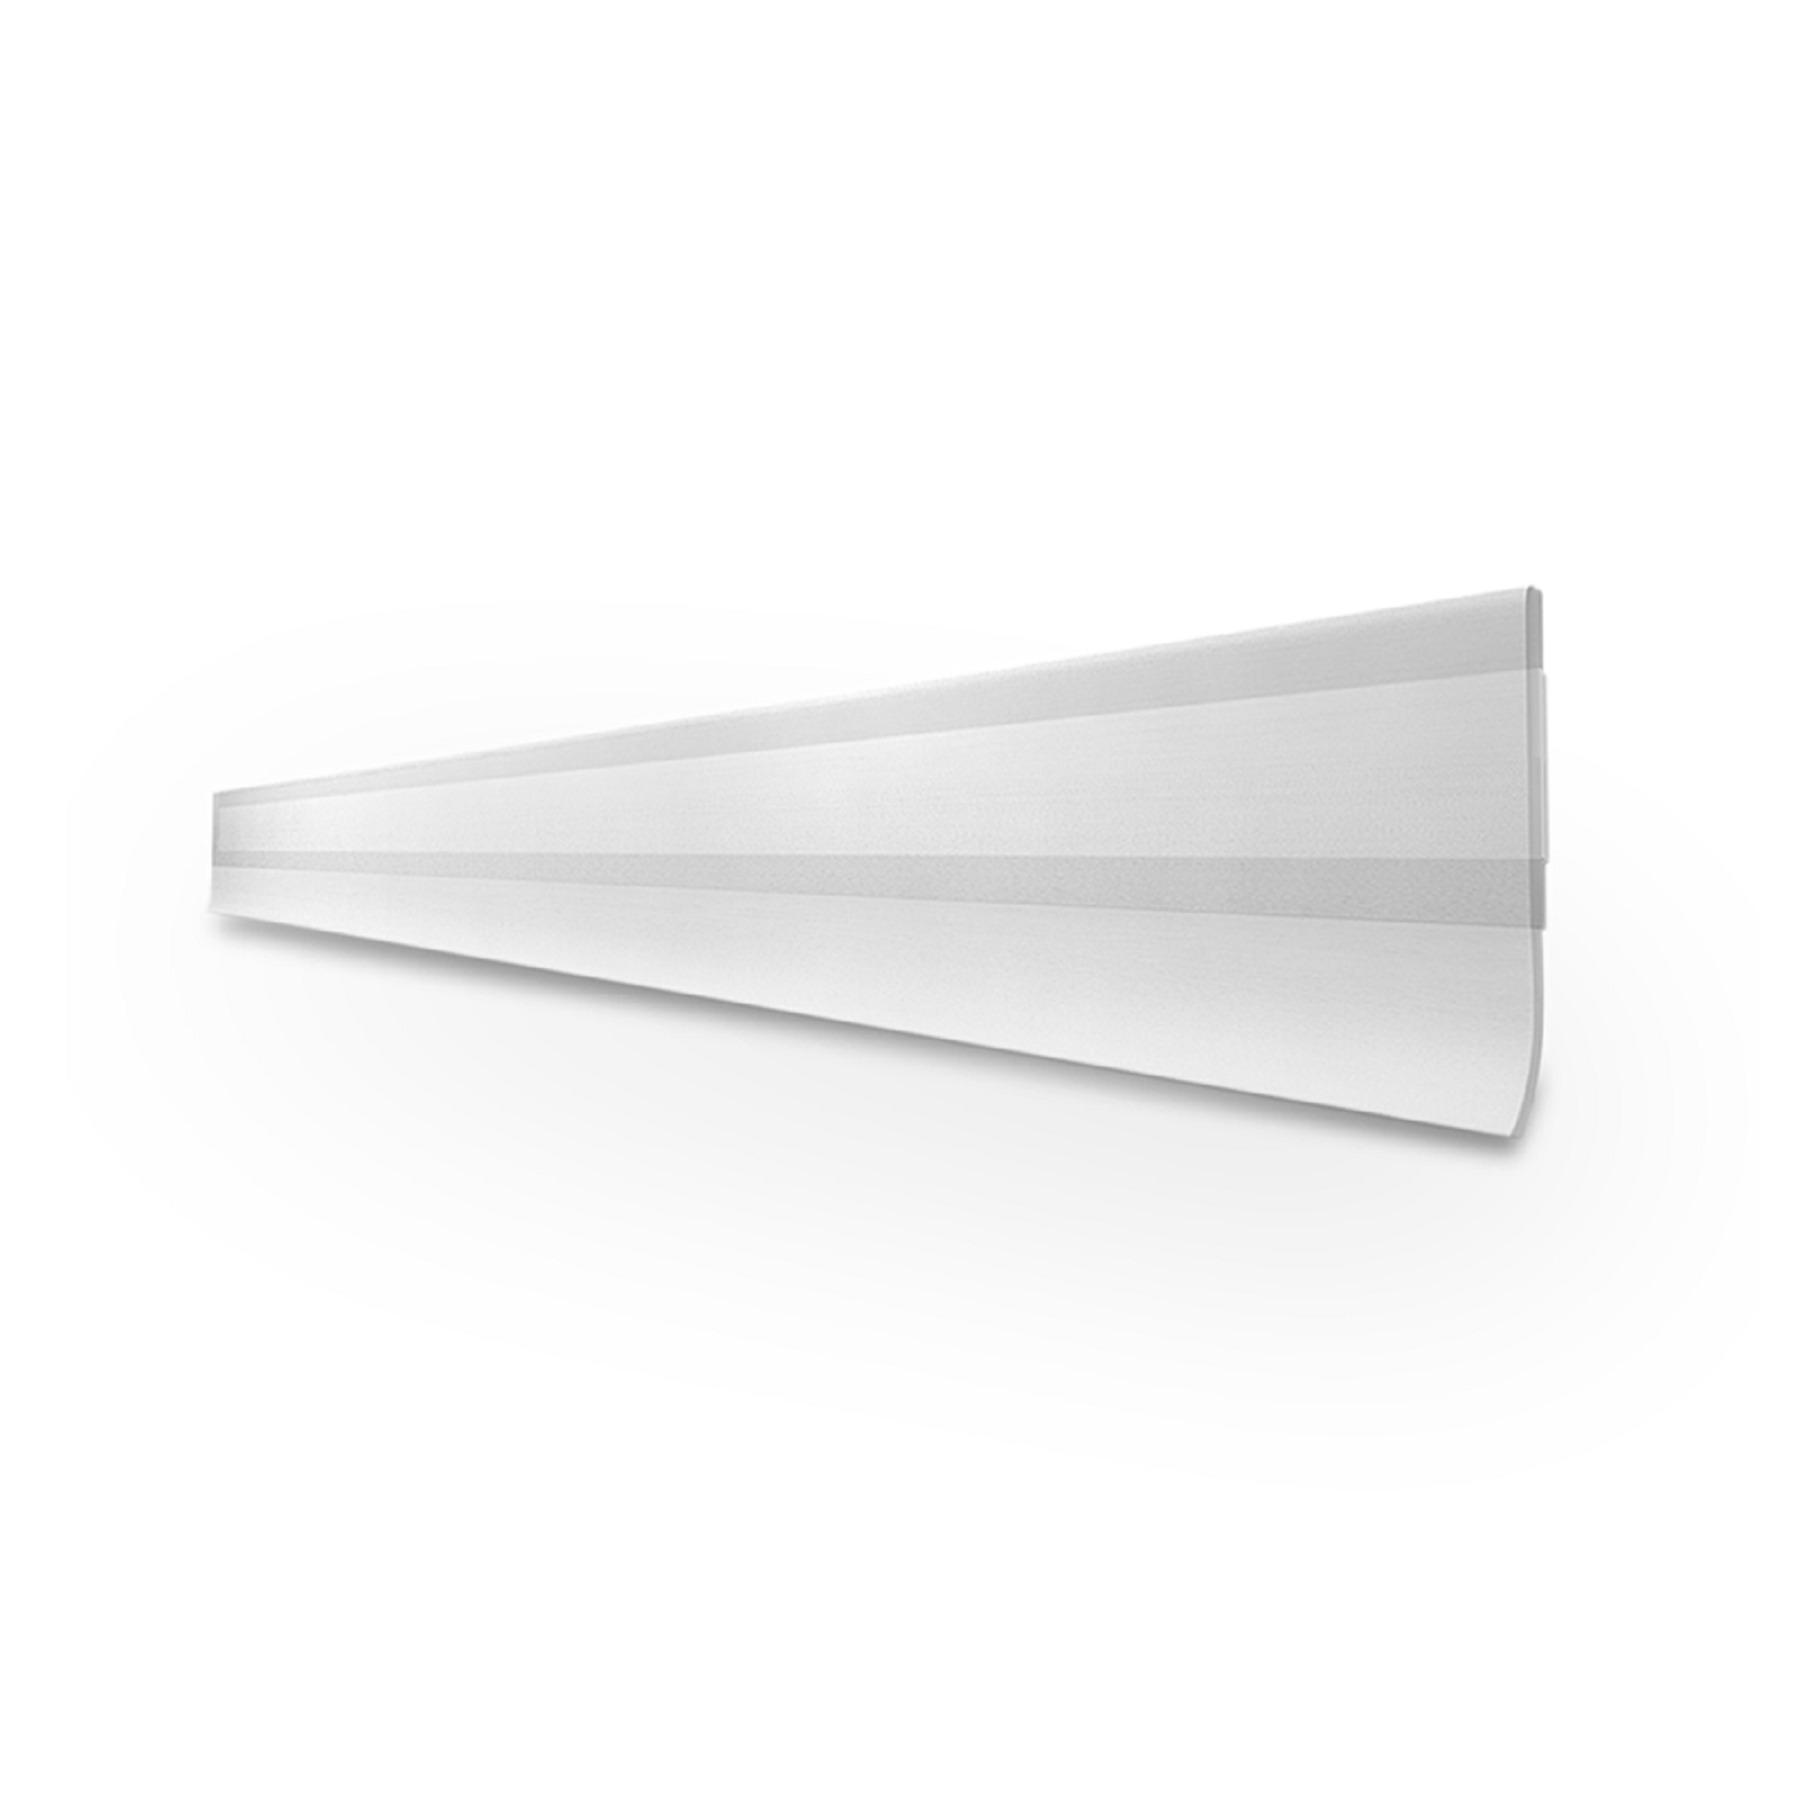 Veda Porta Slim Rodo Adesivo de PVC 100cm Transparente 00028 - Comfort Door